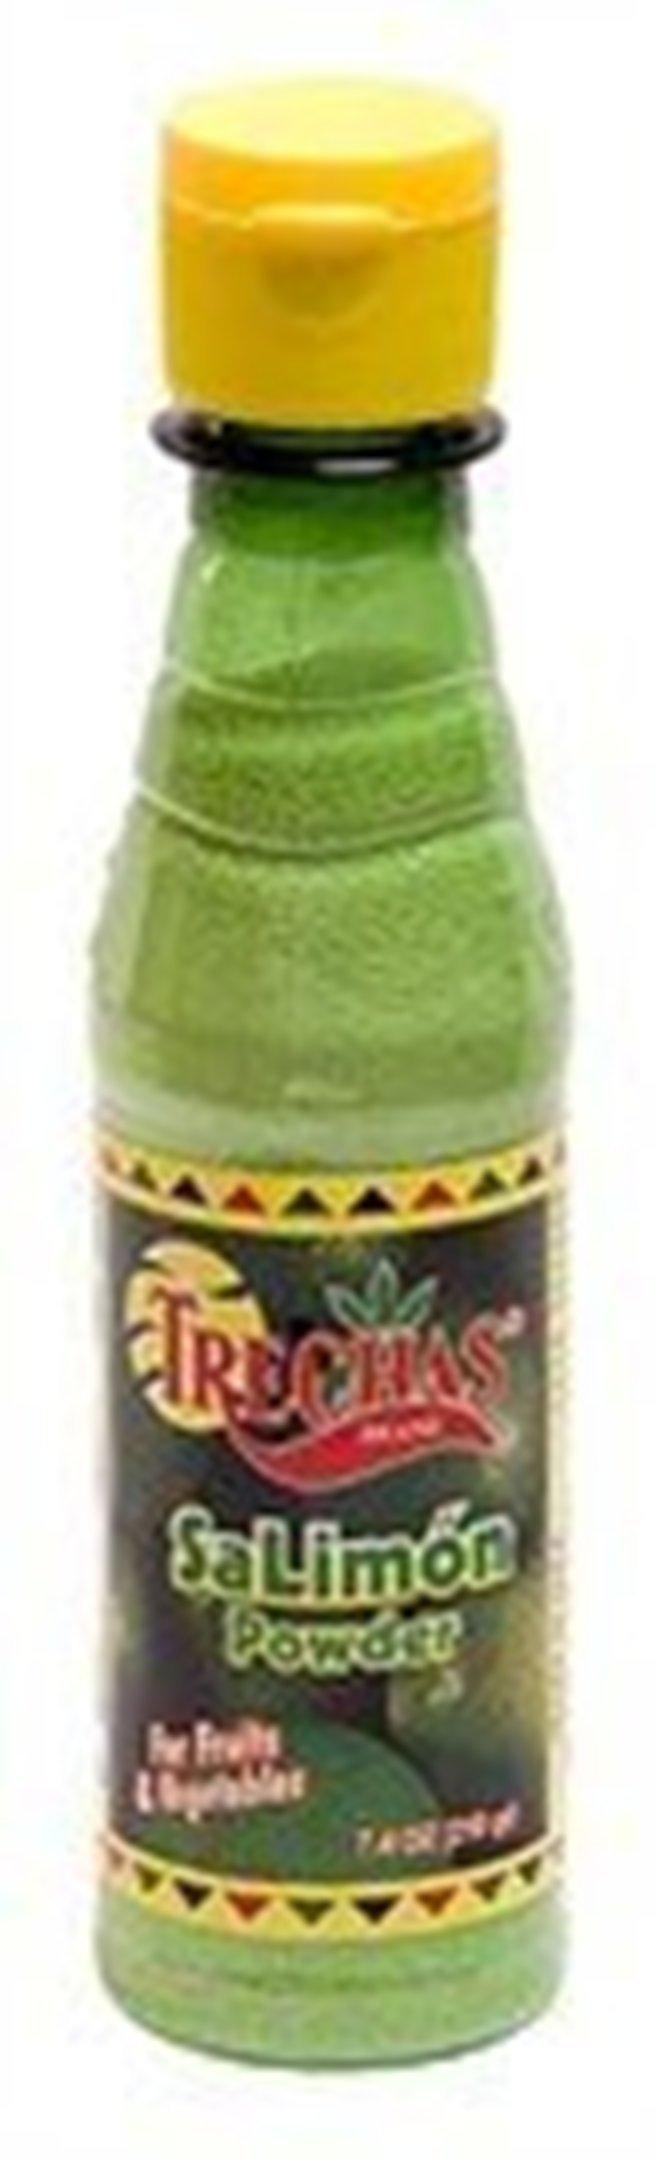 Trechas Fruit & Vegetable Seasoning SaLimon Powder - 7.4oz (2 Pack) by Fruit Seasoning (Image #1)